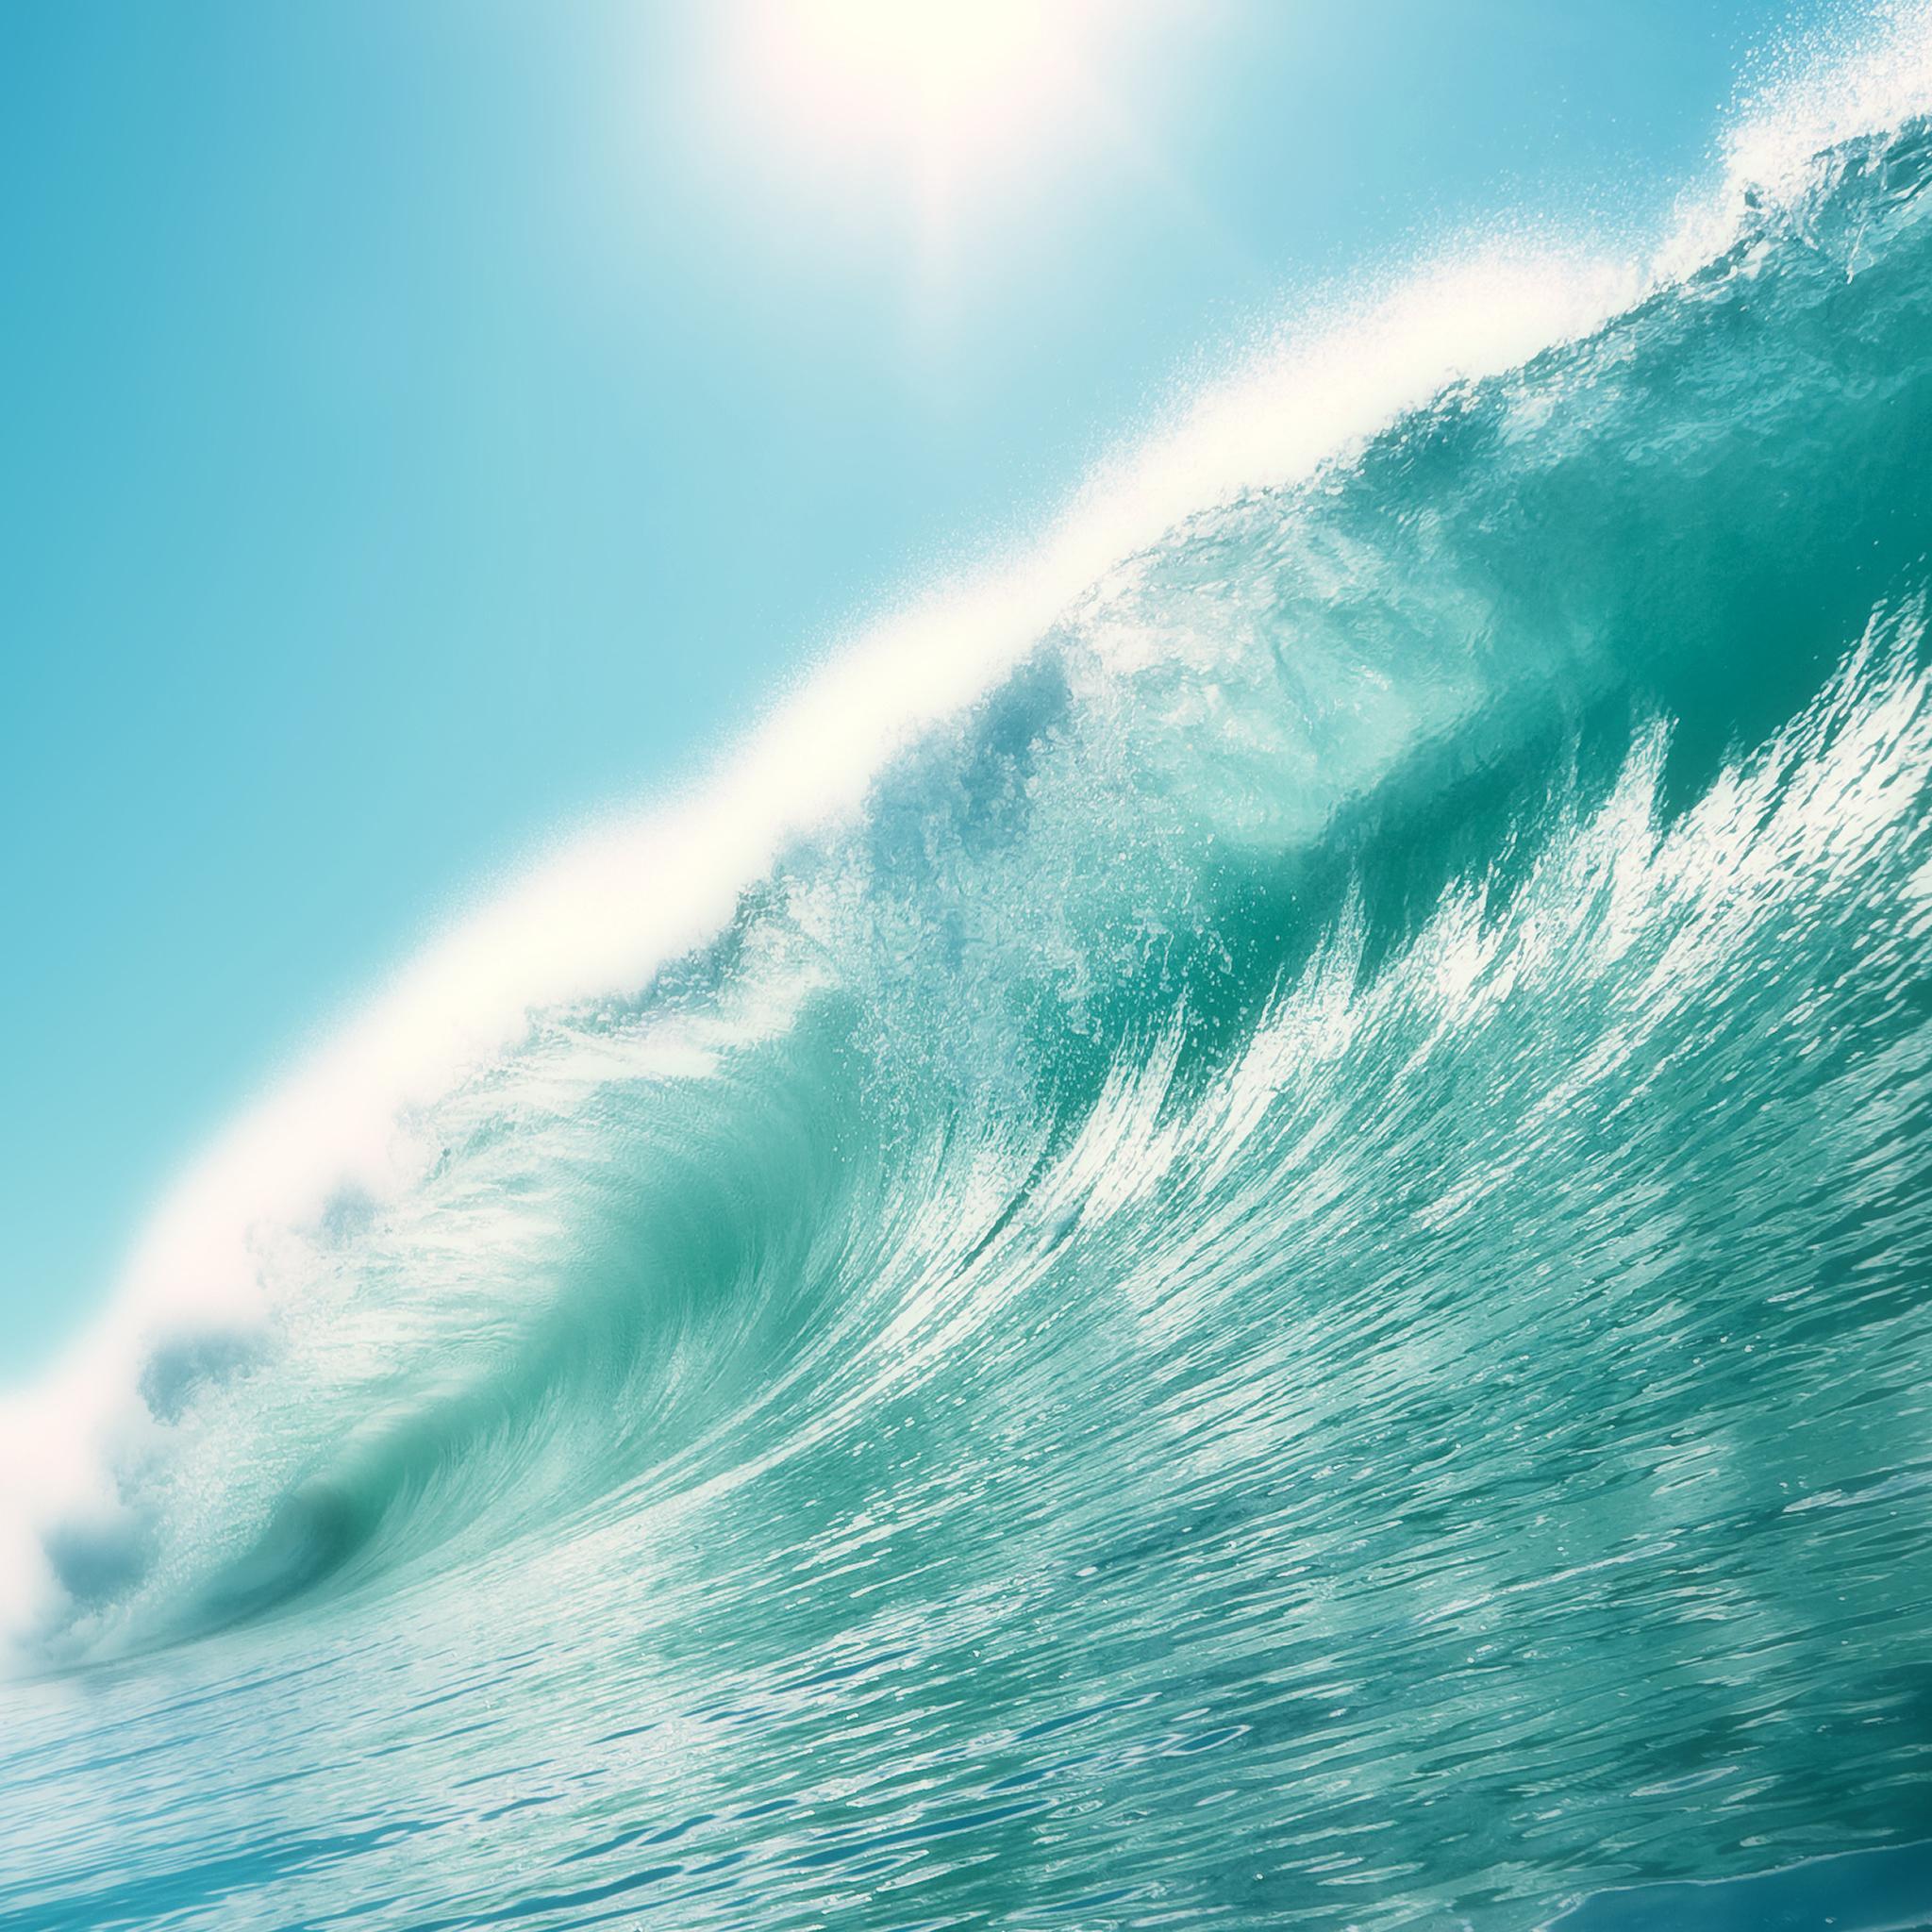 Hd Ocean Wallpaper: Retina Wallpaper Beach Waves - HD Desktop Wallpapers